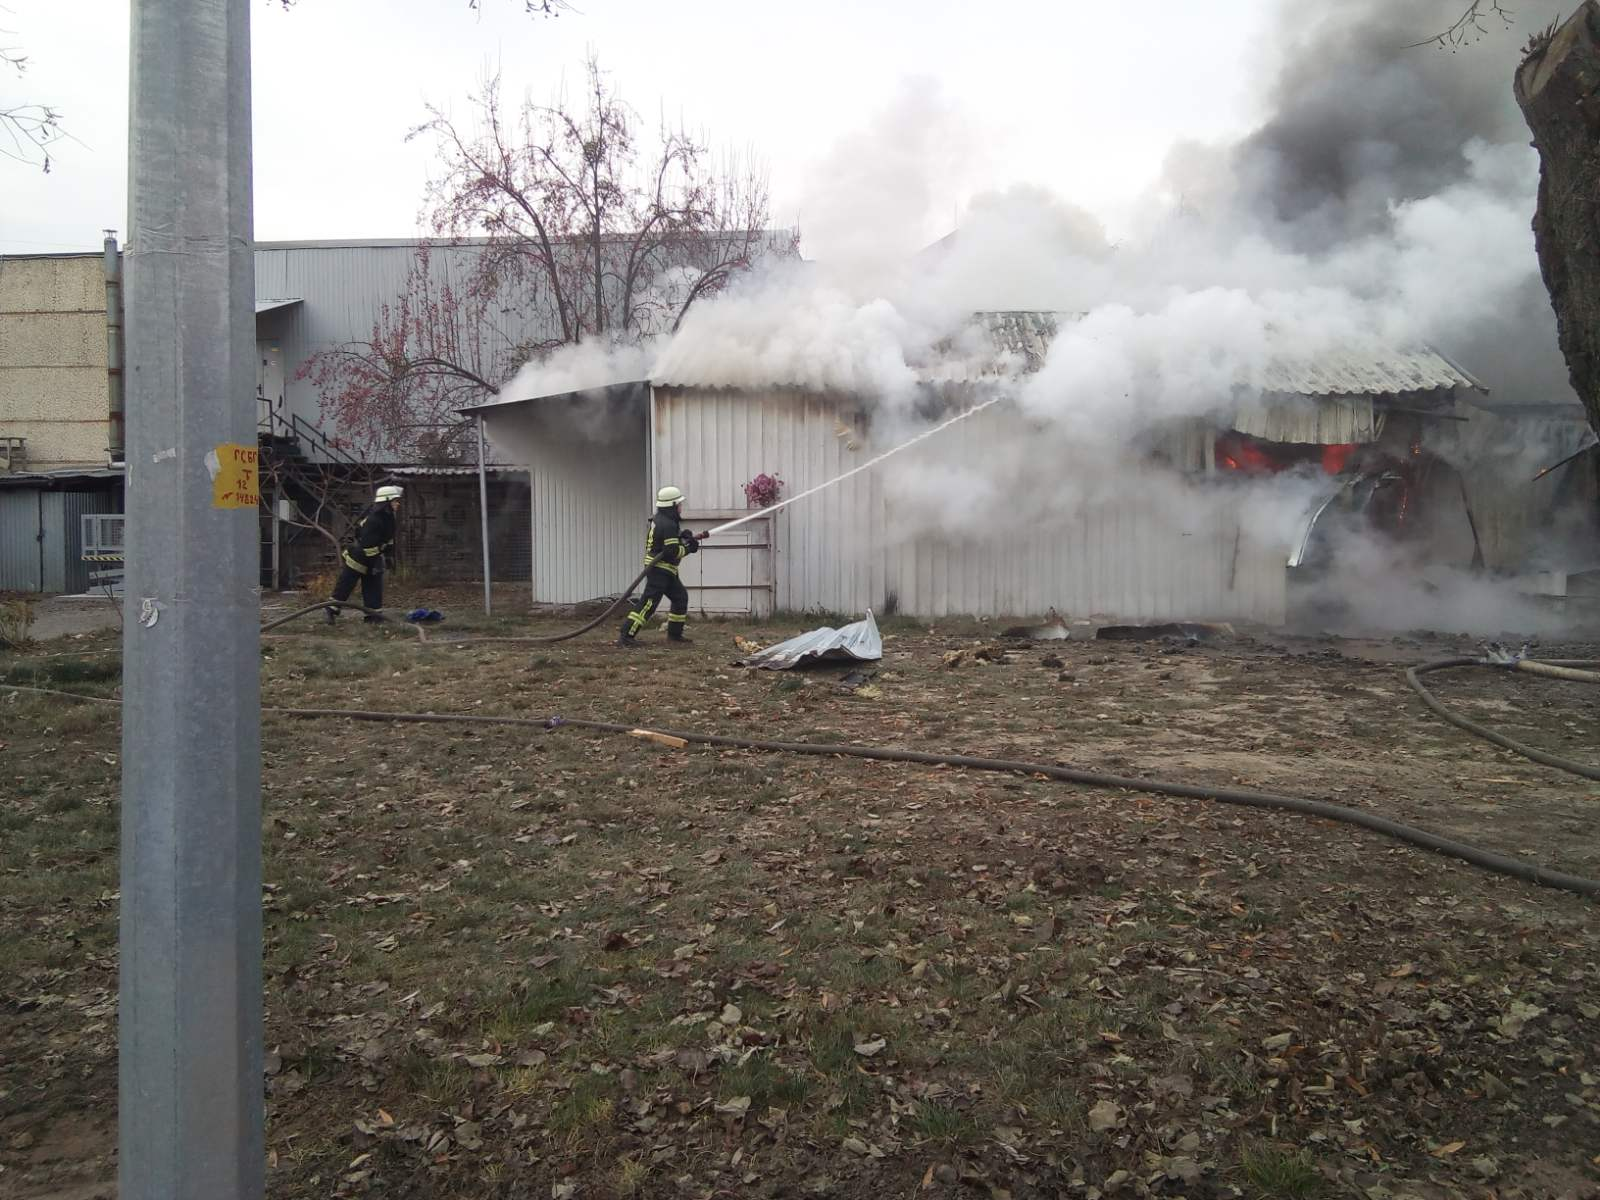 Novosil-travmy-4 Жінка отримала травми на пожежі в Новосілках: у Києво-Святошинському районі згоріли 3 споруди біля складу